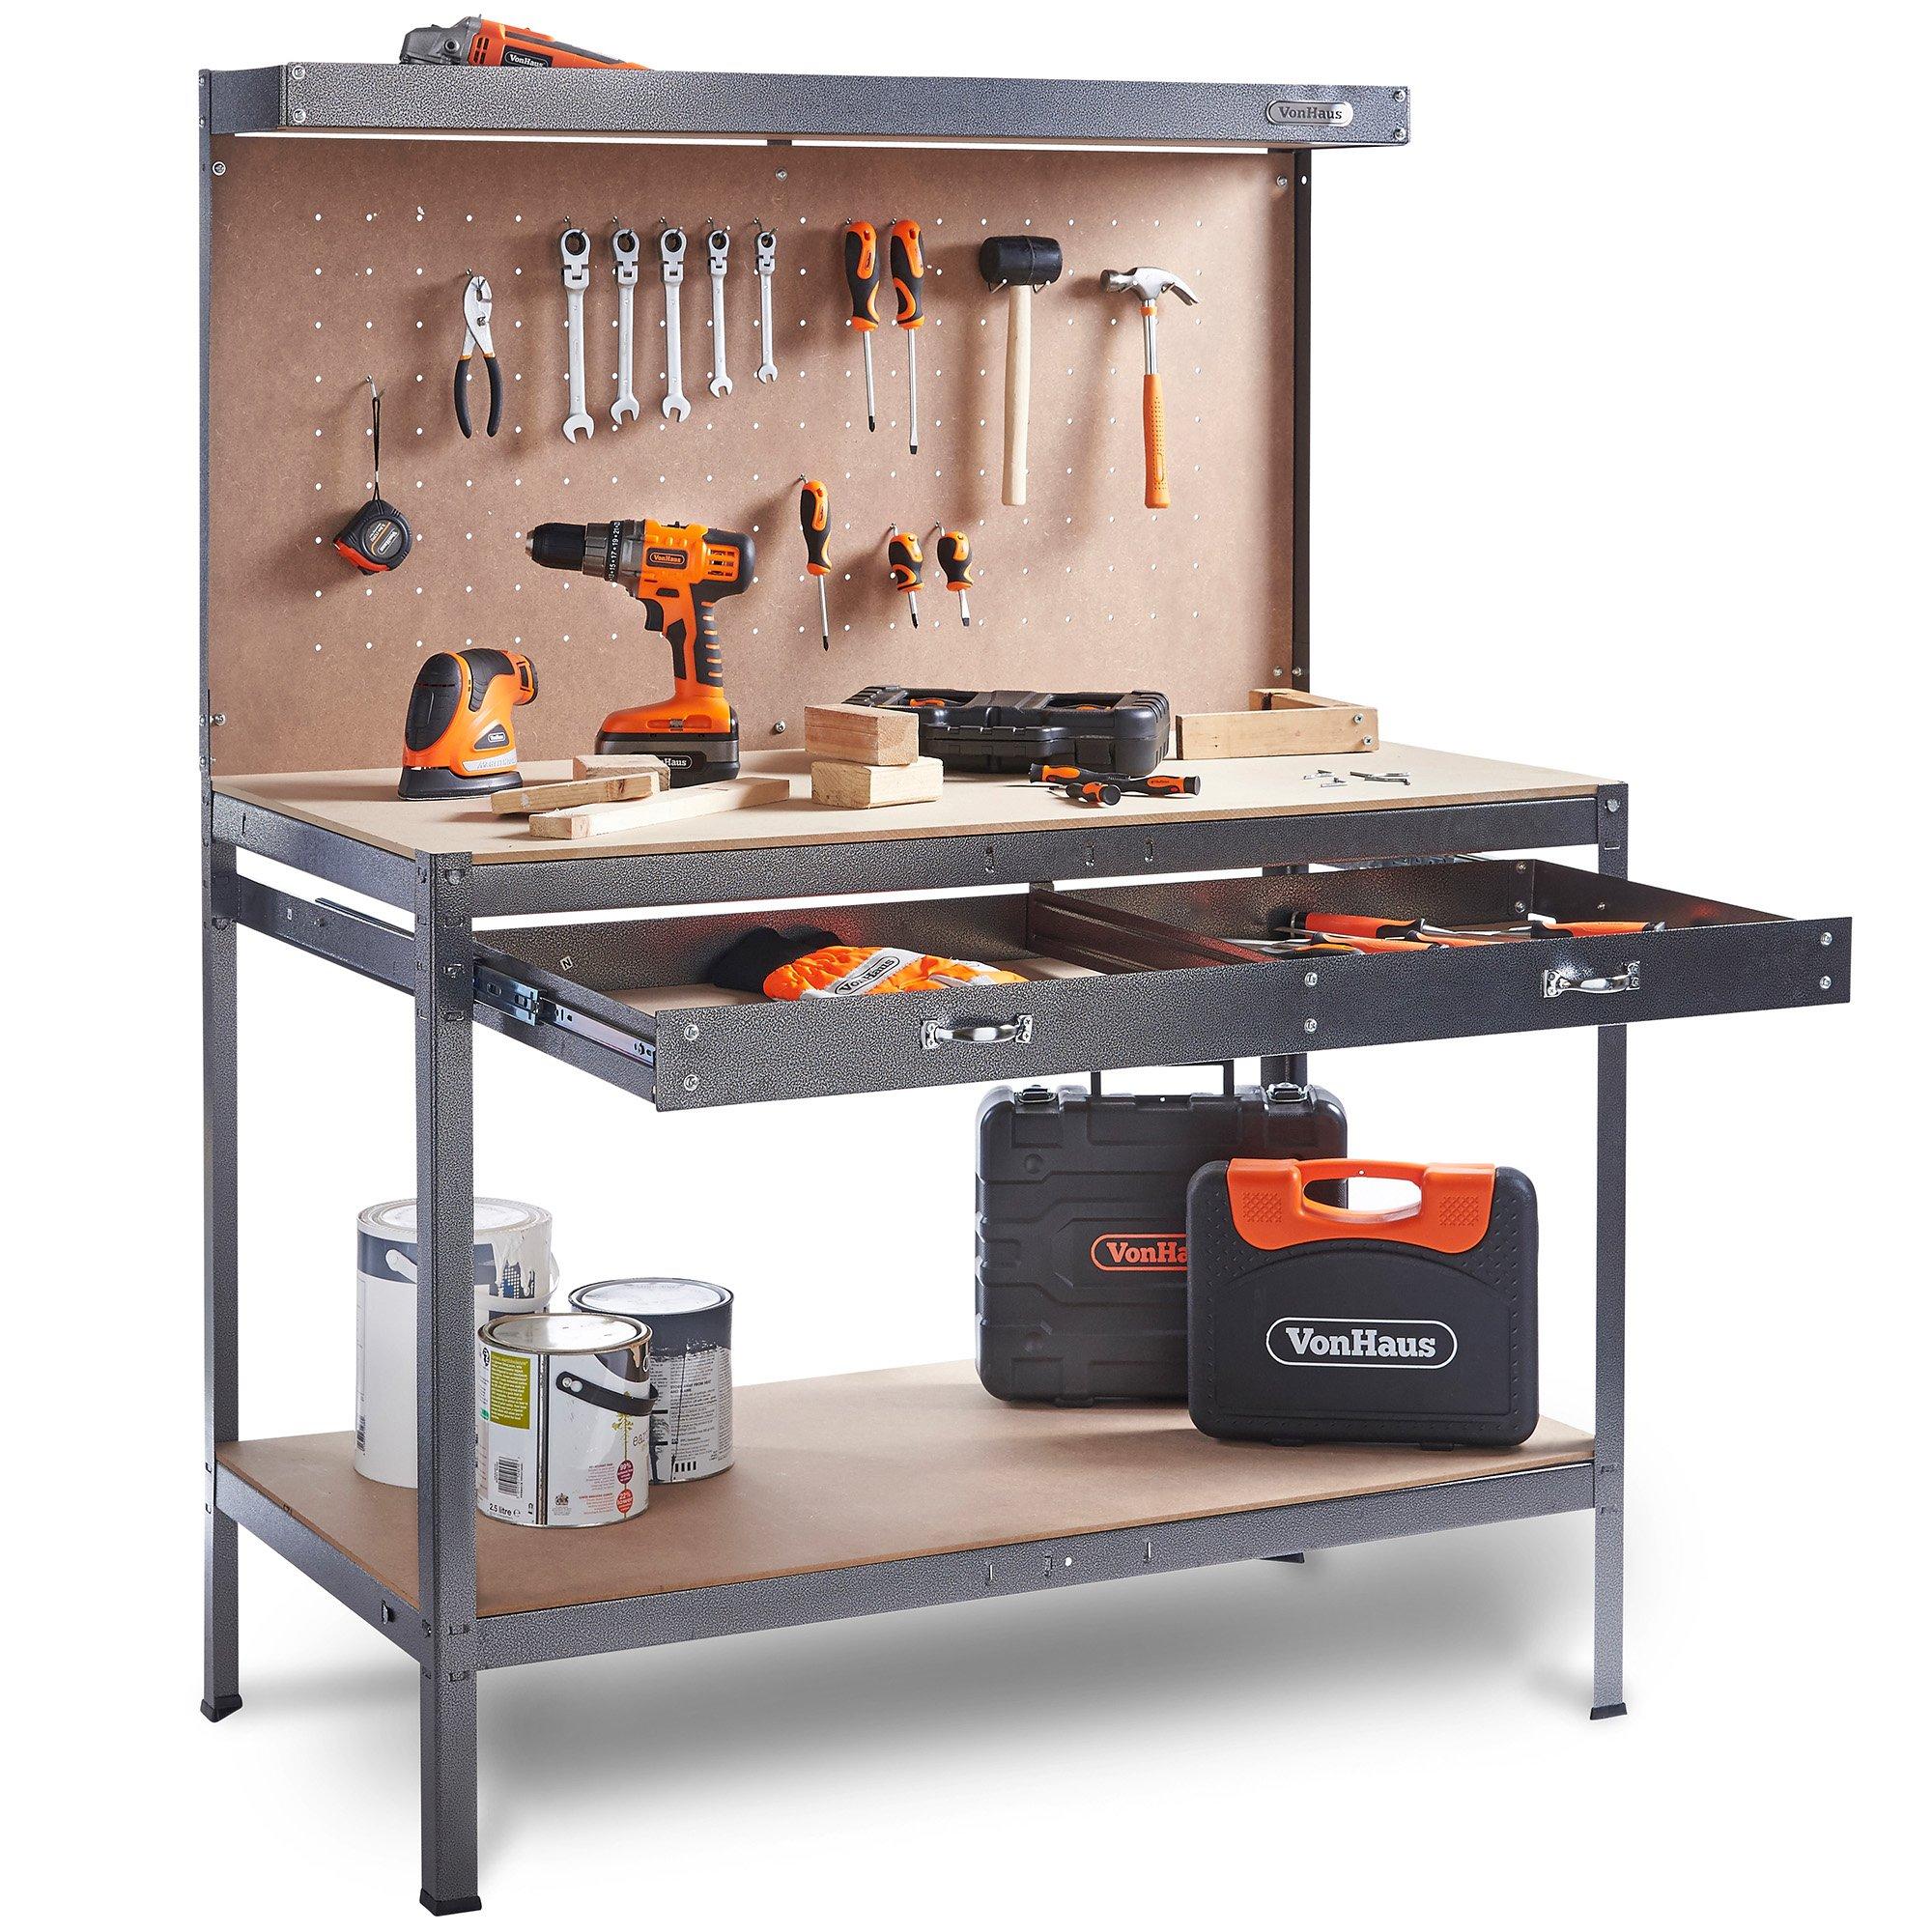 VonHaus Garage Workbench Pegboard Heavy Duty Reinforced Steel With Storage  Drawer + Shelf | Grey Hammered